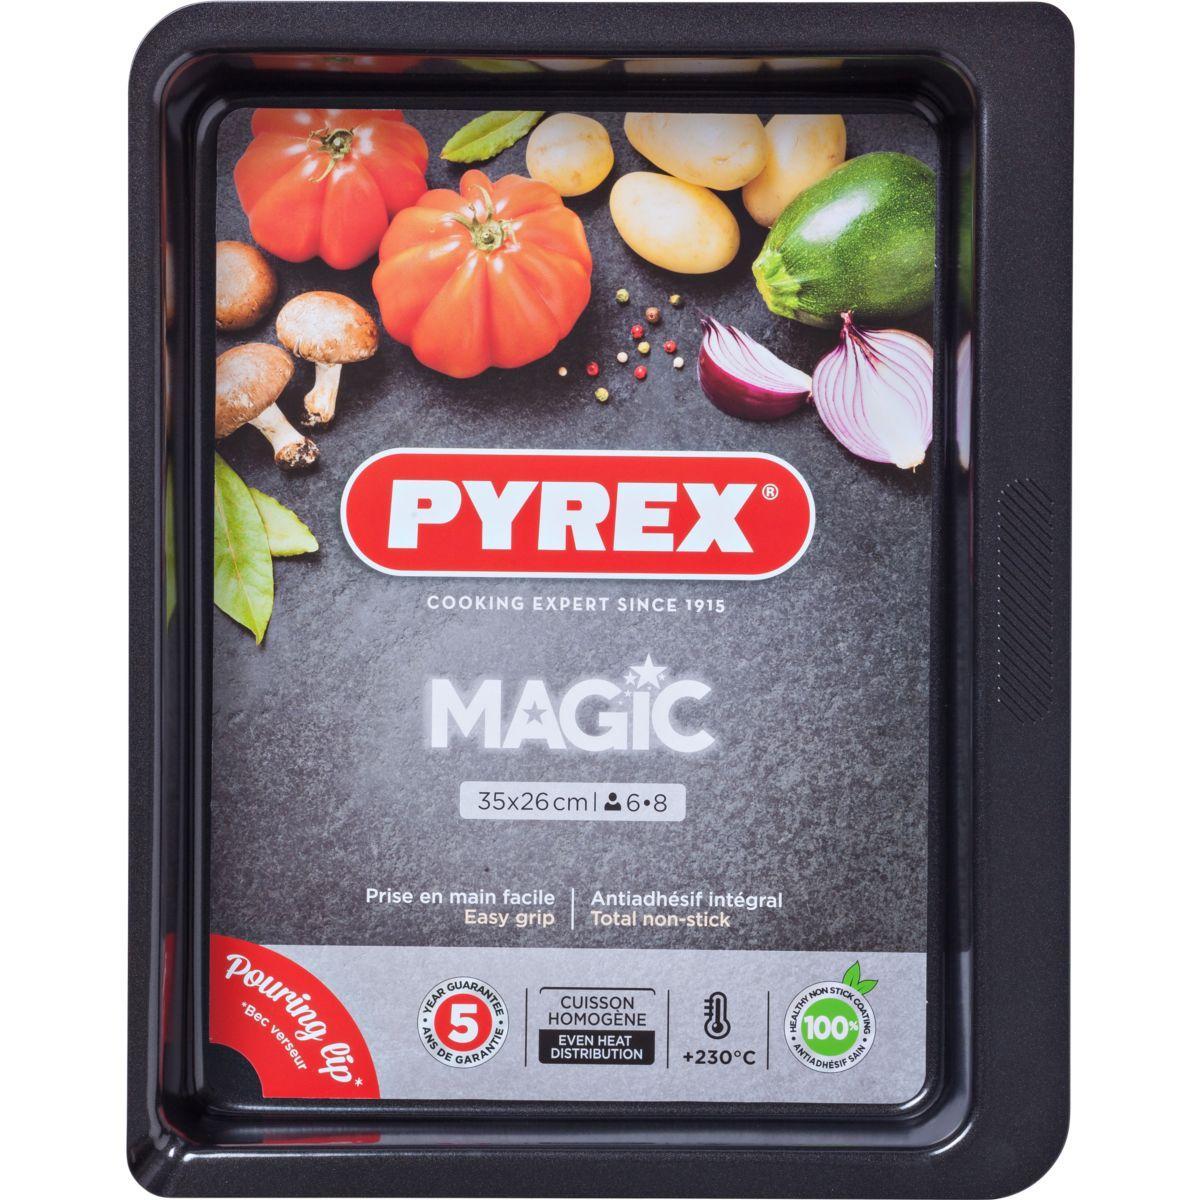 Plaque de cuisson pyrex rect m�tal 35x26 cm magic (photo)